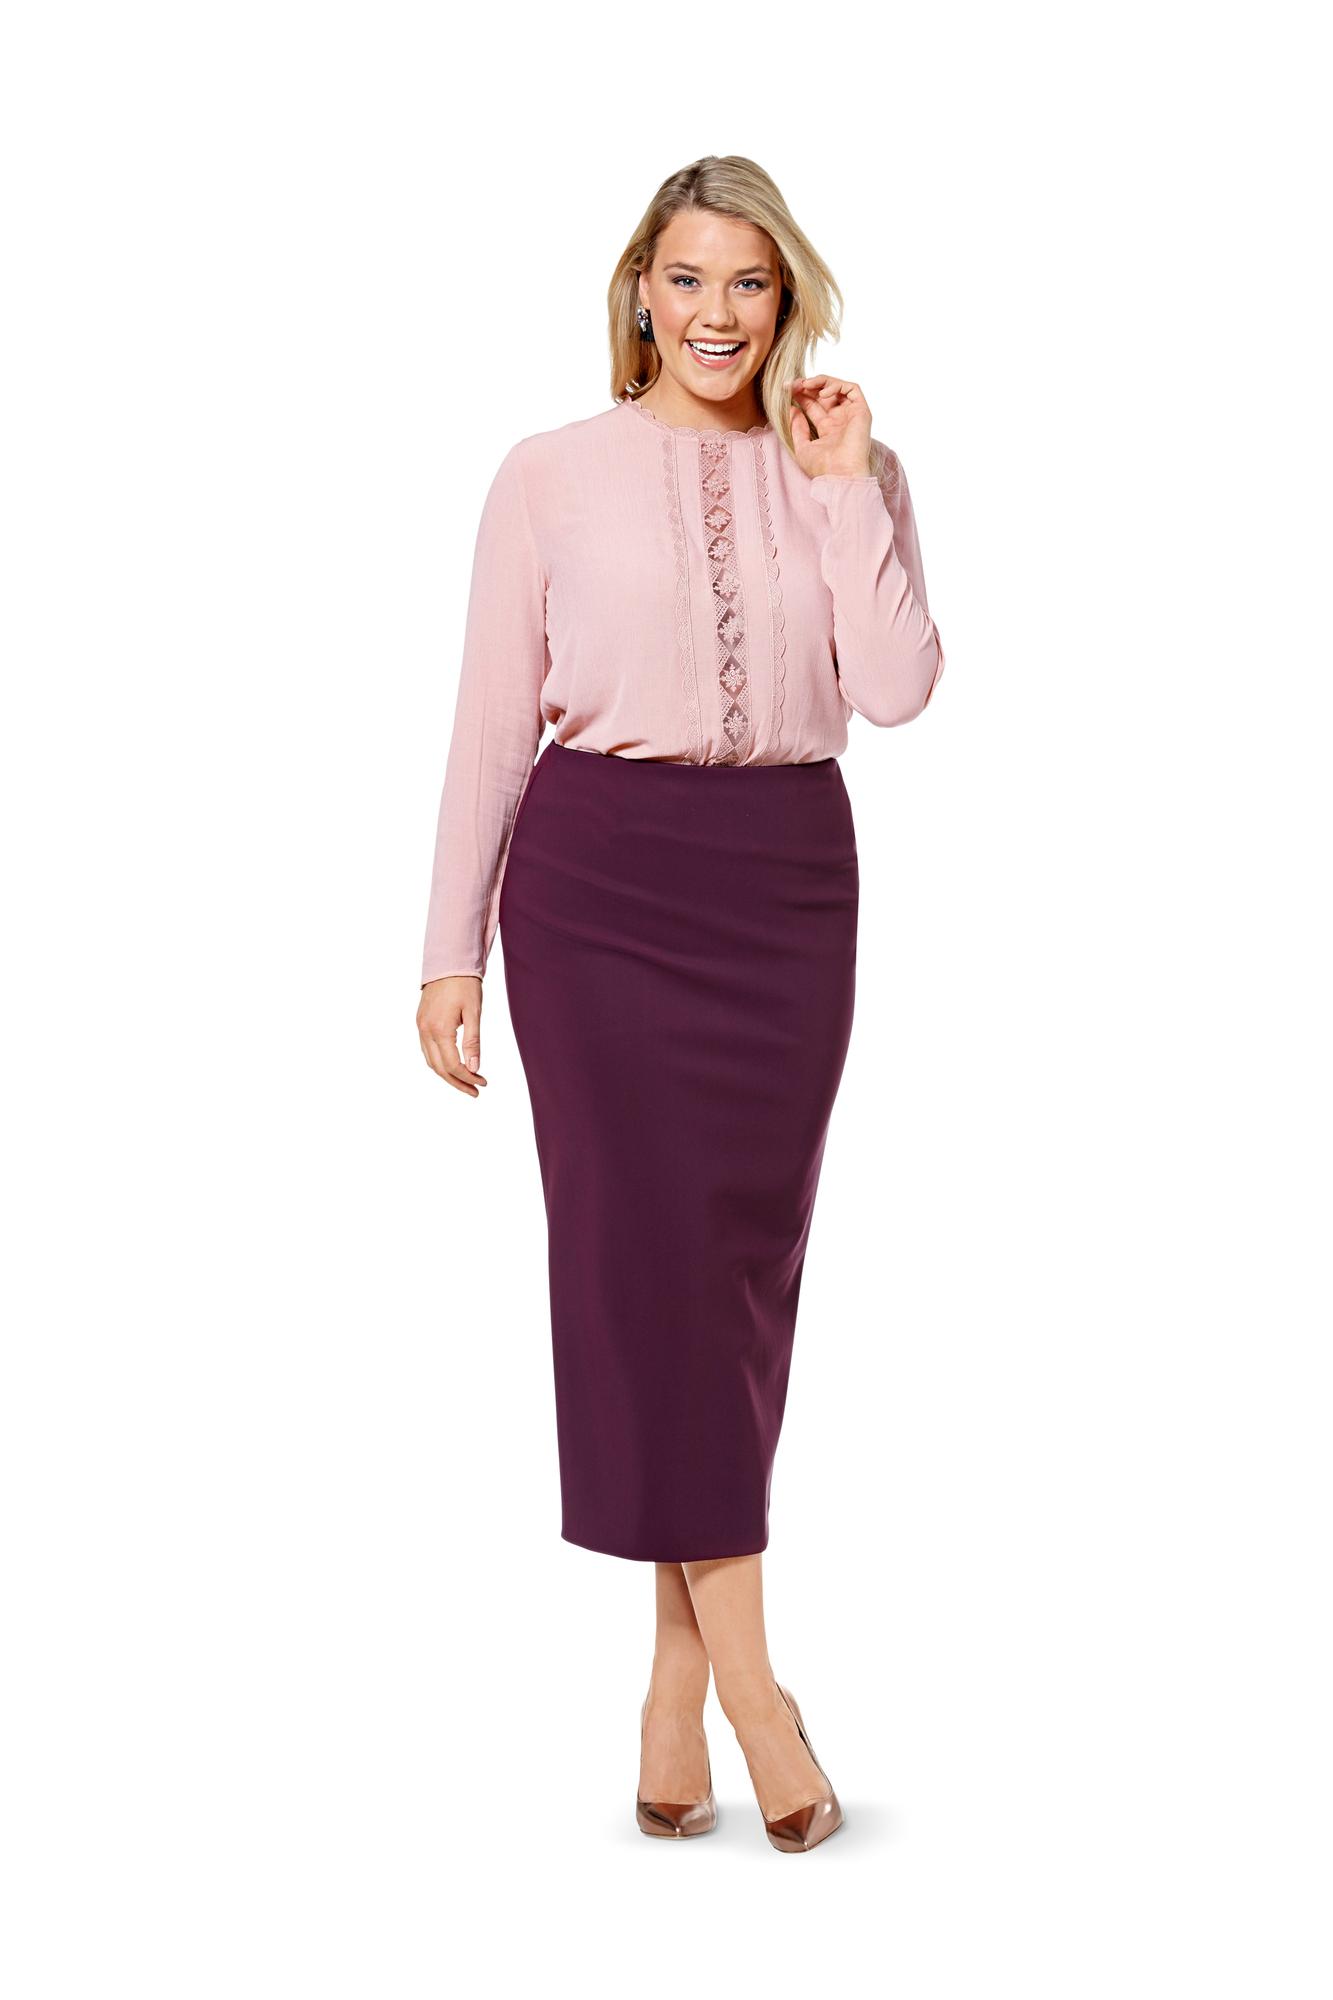 Бурда юбка для женщин